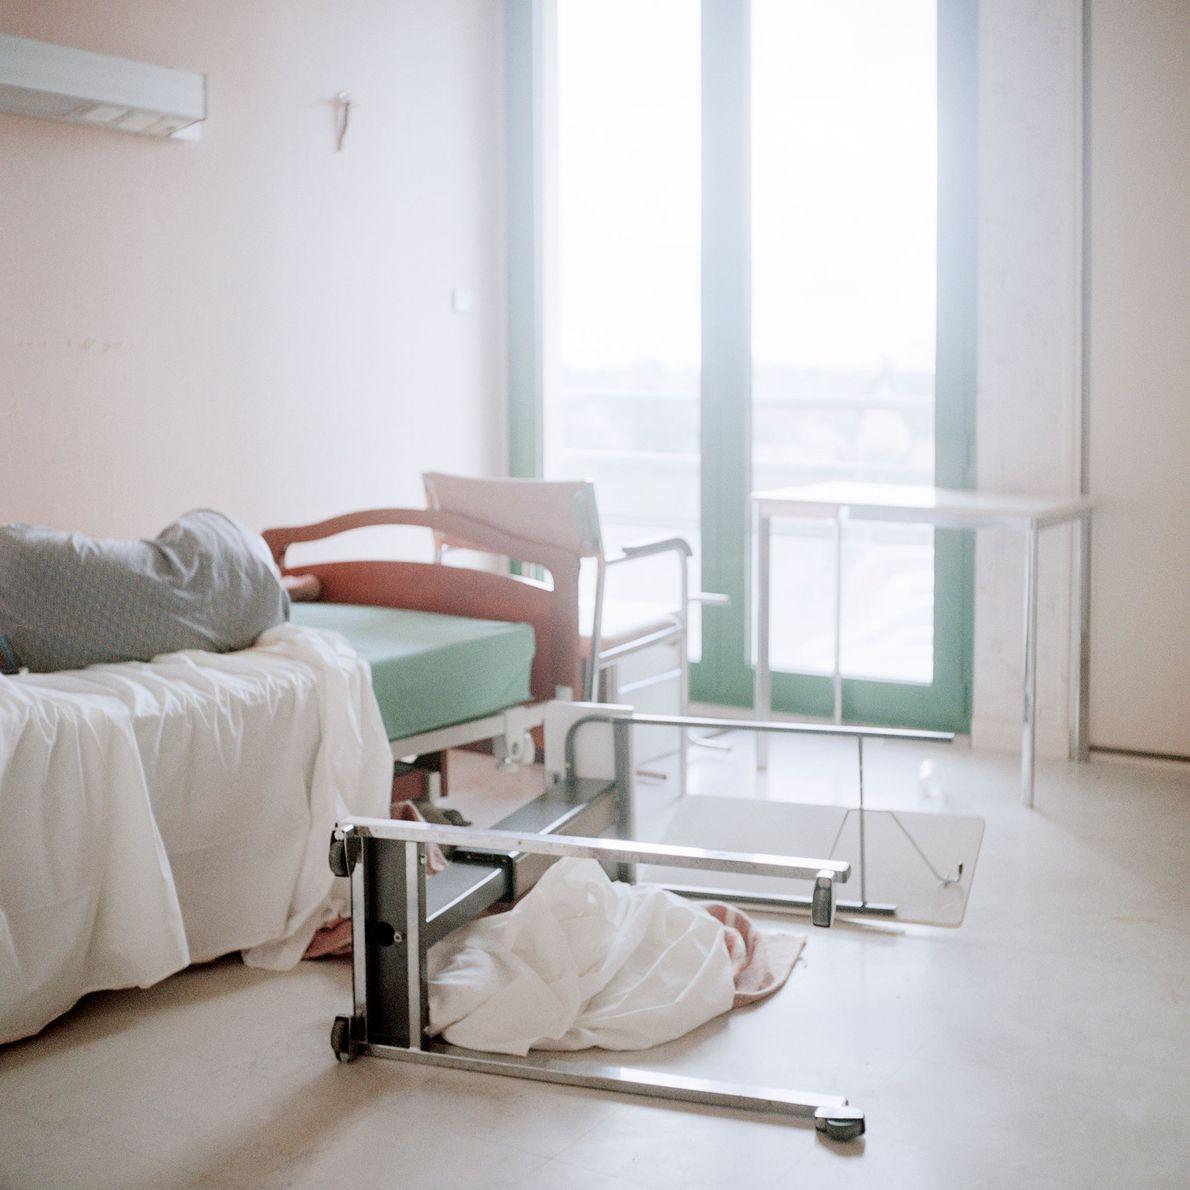 La chambre d'un résident à 7h du matin, après une longue nuit.